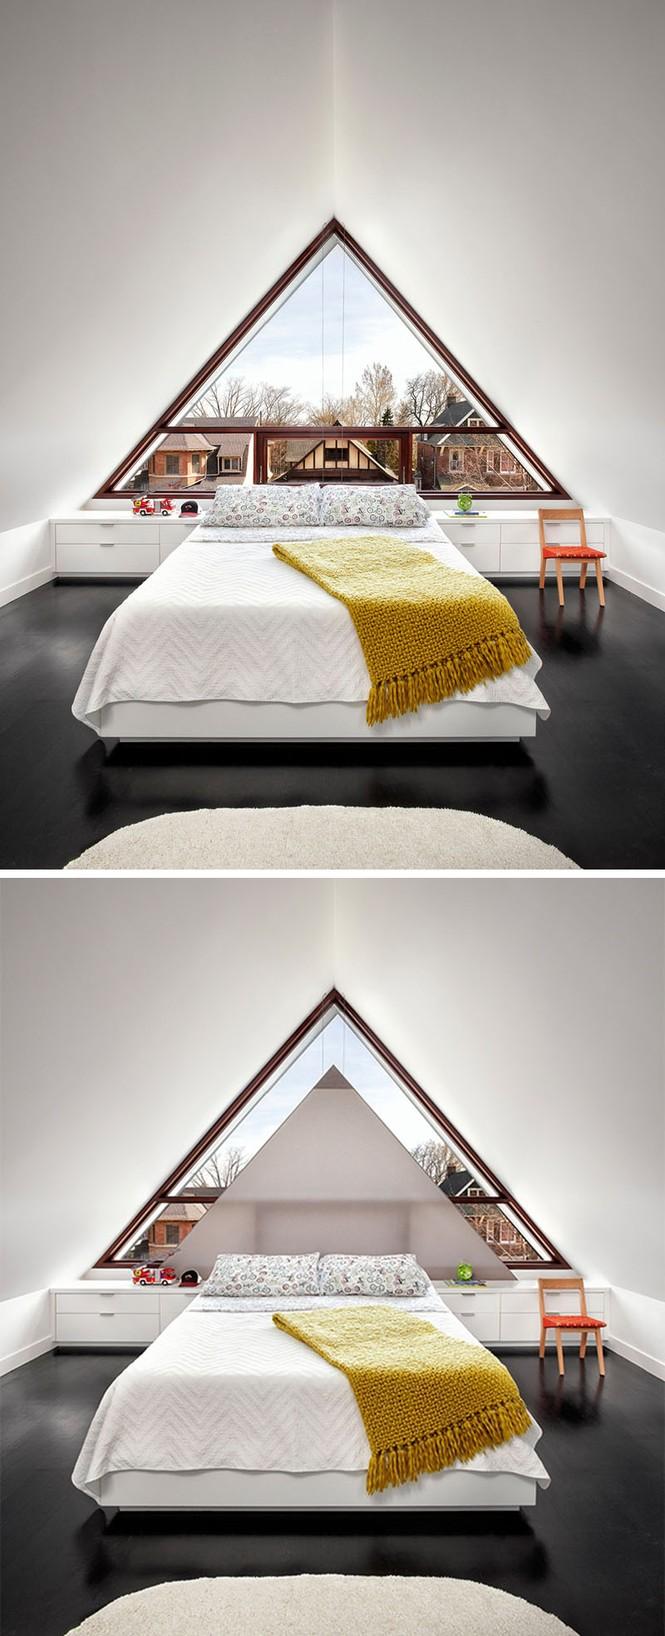 Mẫu nhà mái tam giác 2 tầng đẹp long lanh với chi phí thấp - ảnh 3